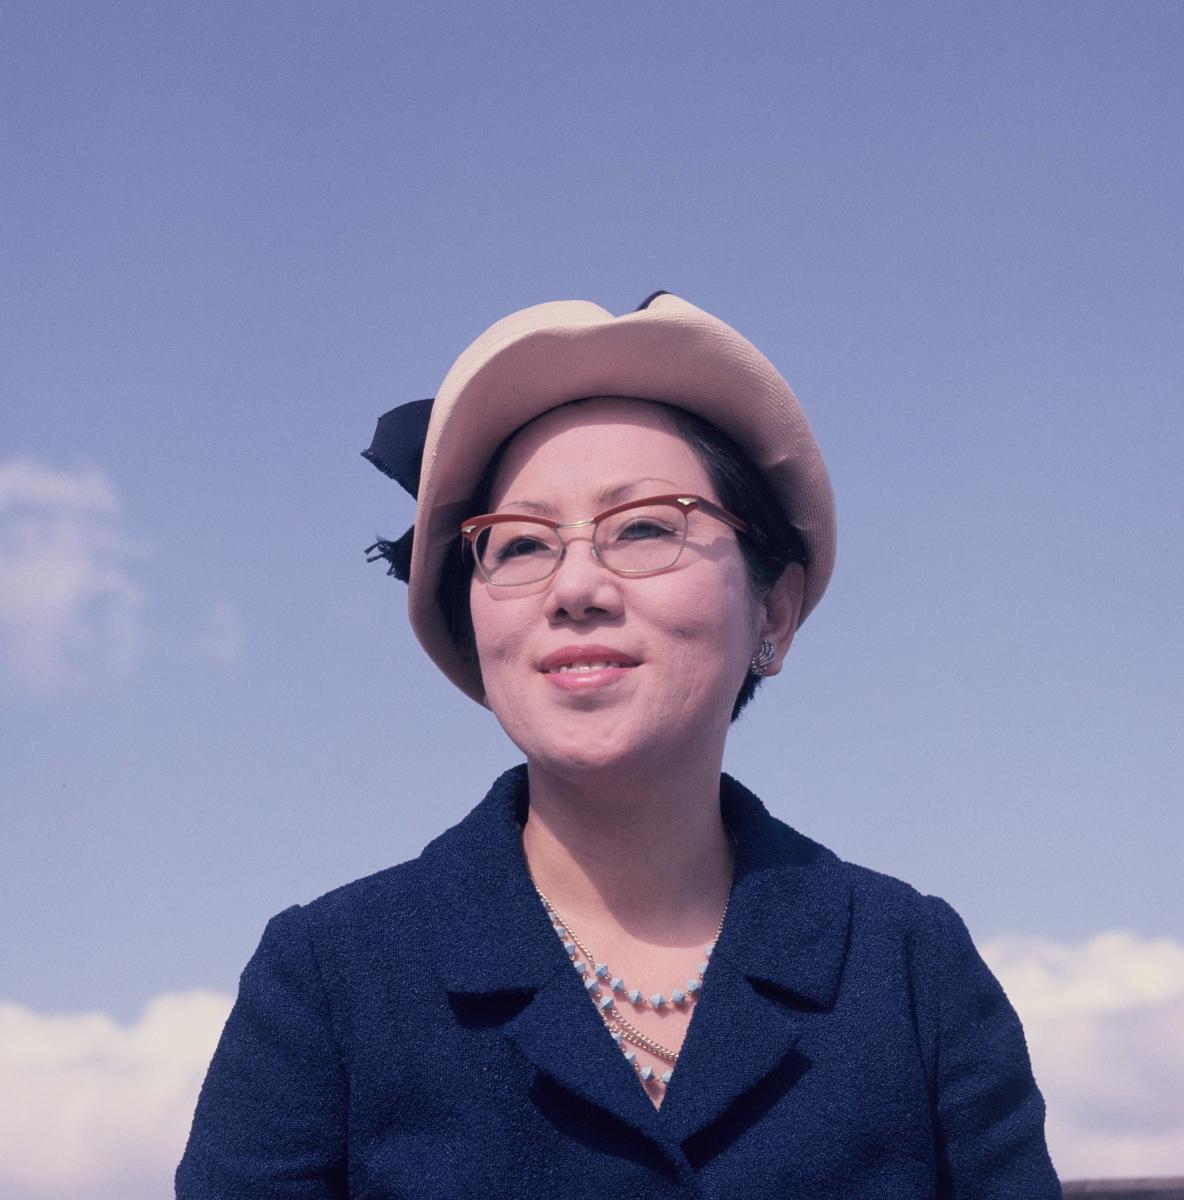 写真・図版 : 小説『白い巨塔』が単行本として刊行された頃の山崎豊子=1965年9月24日